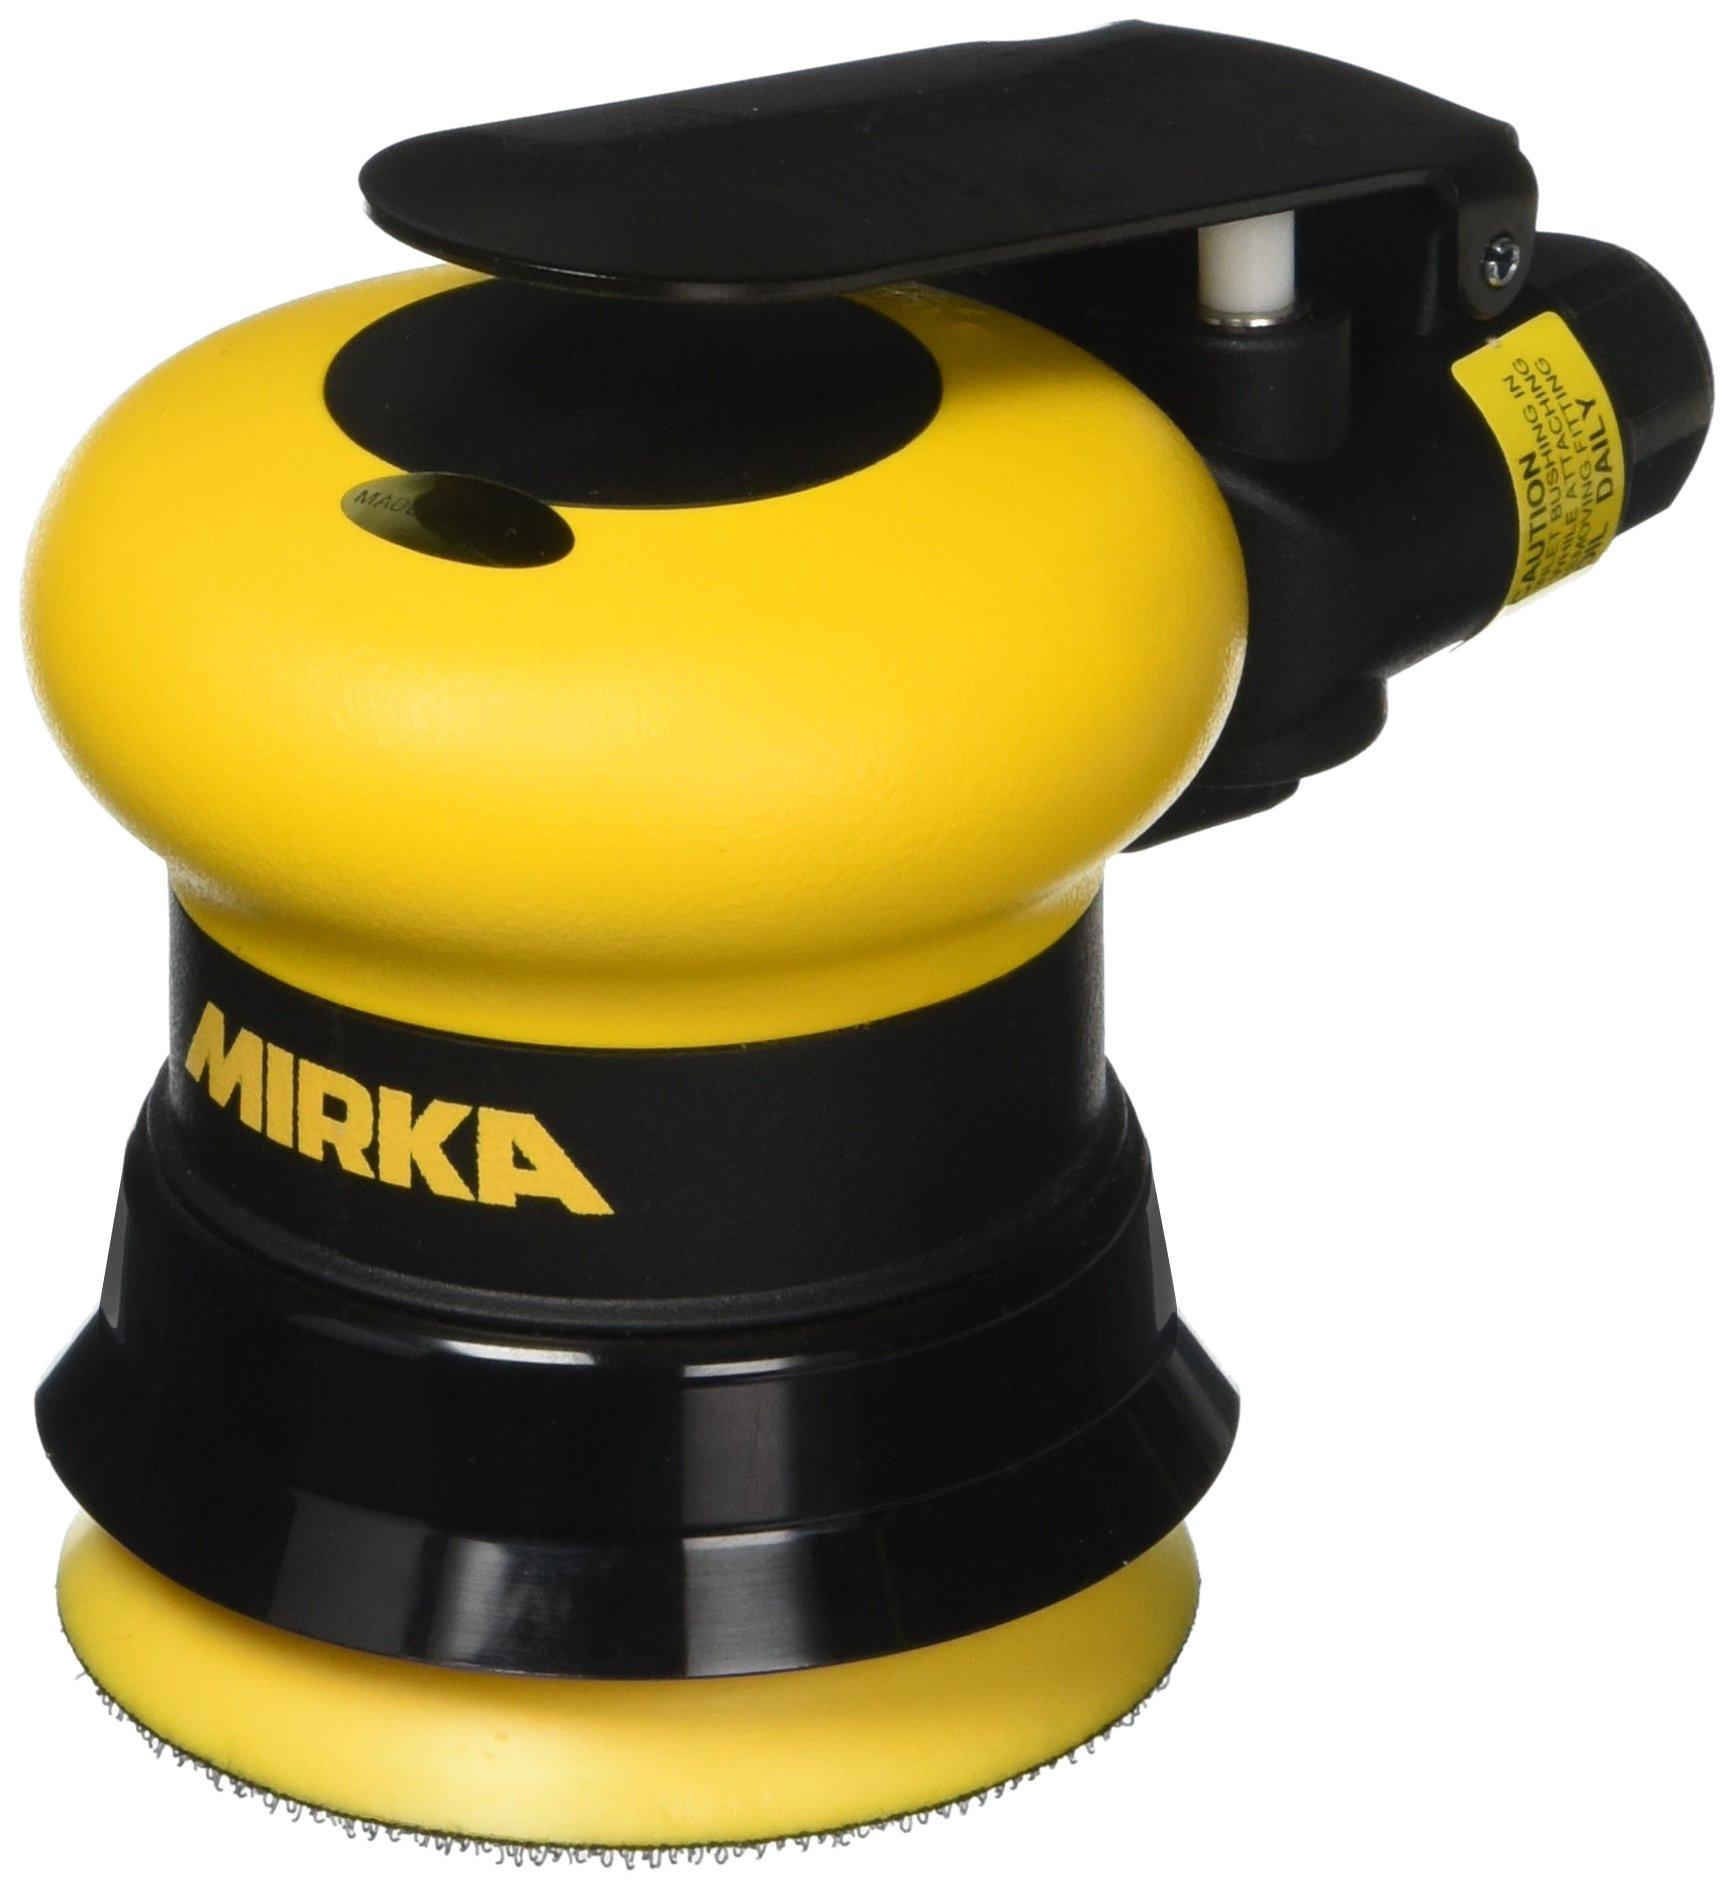 Mirka MR-350 motor de aire para lijadora de acabado: Amazon.es: Bricolaje y herramientas